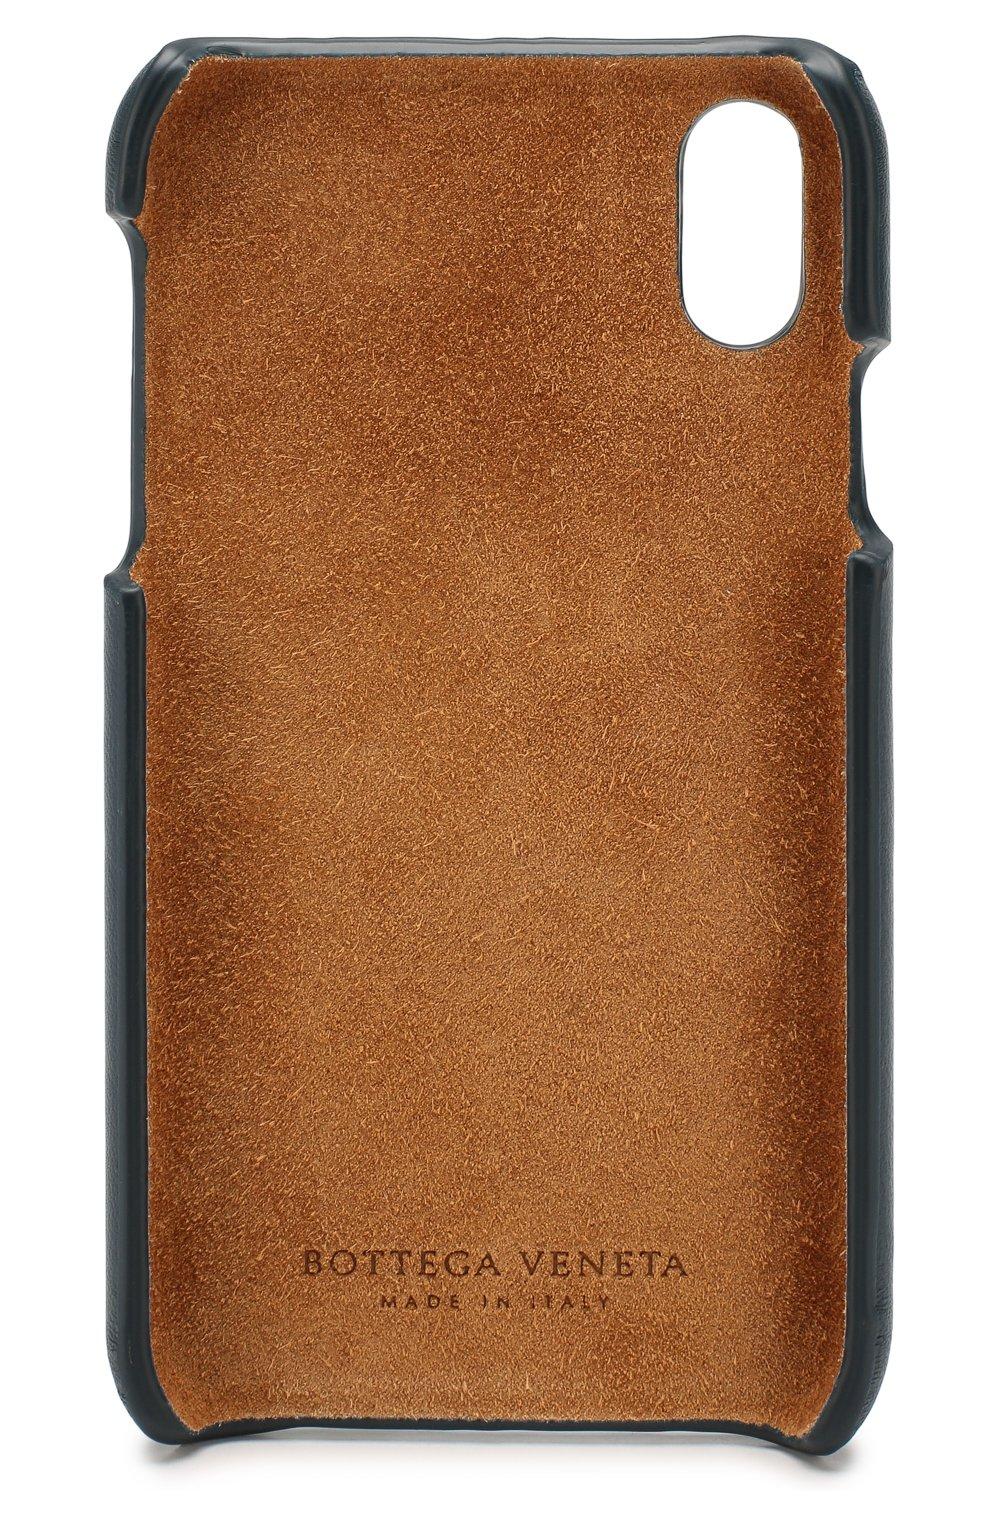 Мужской кожаный чехол для iphone xr BOTTEGA VENETA синего цвета, арт. 592063/V00BL | Фото 2